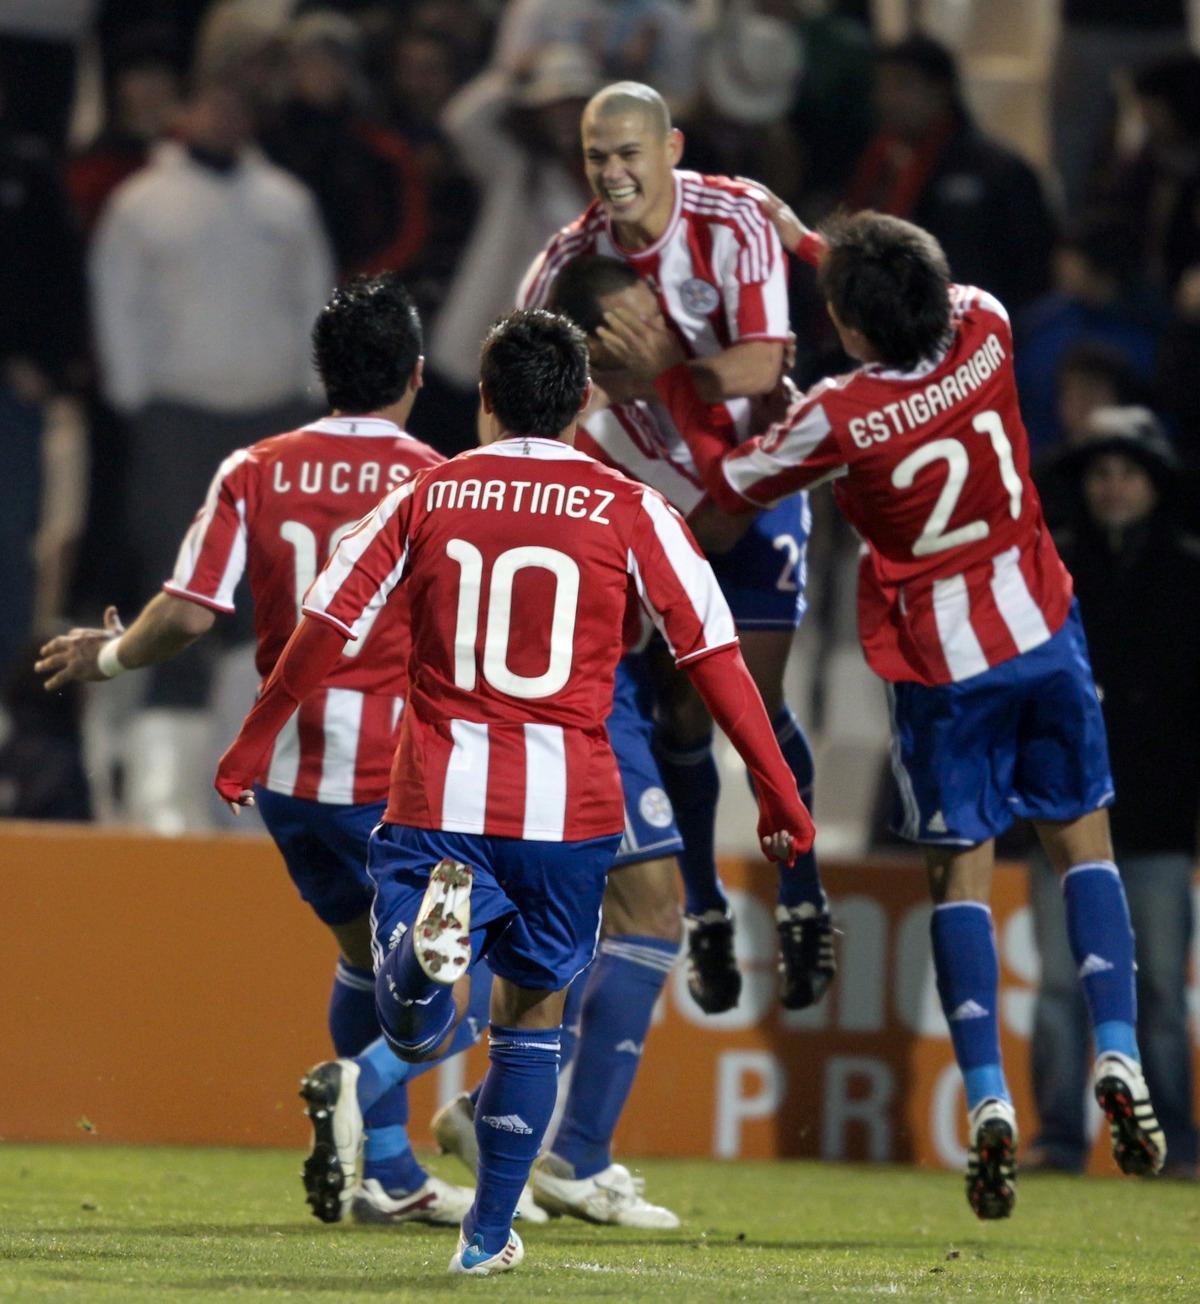 Mästerliga på straffar Paraguay är framme i final. Dit har laget tagit sig tack vare suveränt straffskytte. På söndag spelas finalen i Copa America.